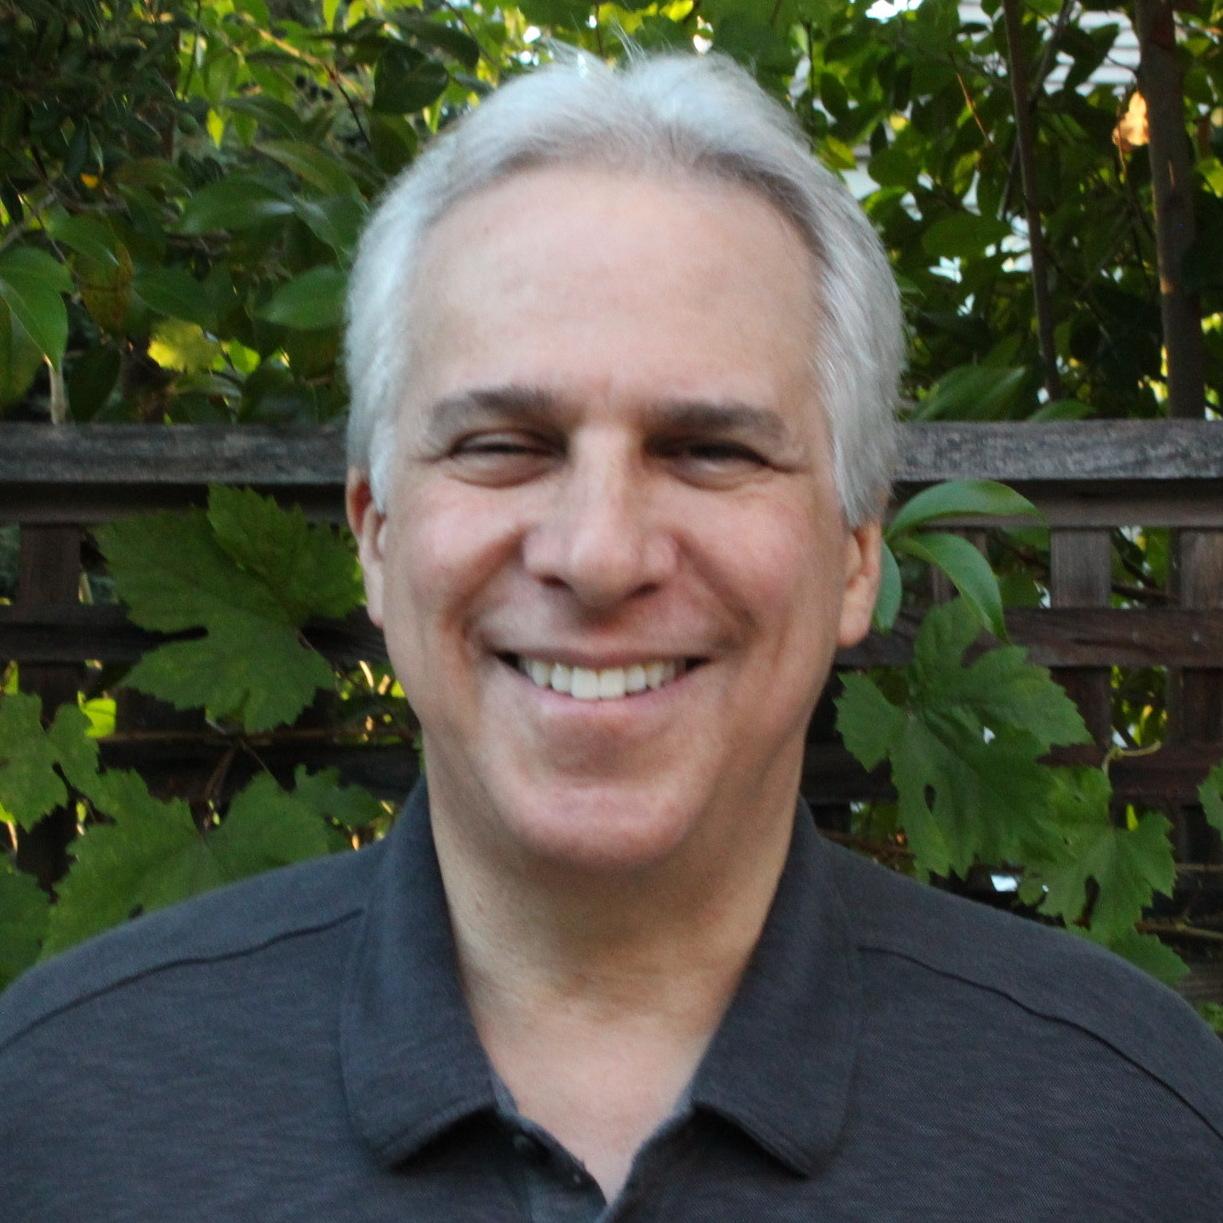 Steve Siegel